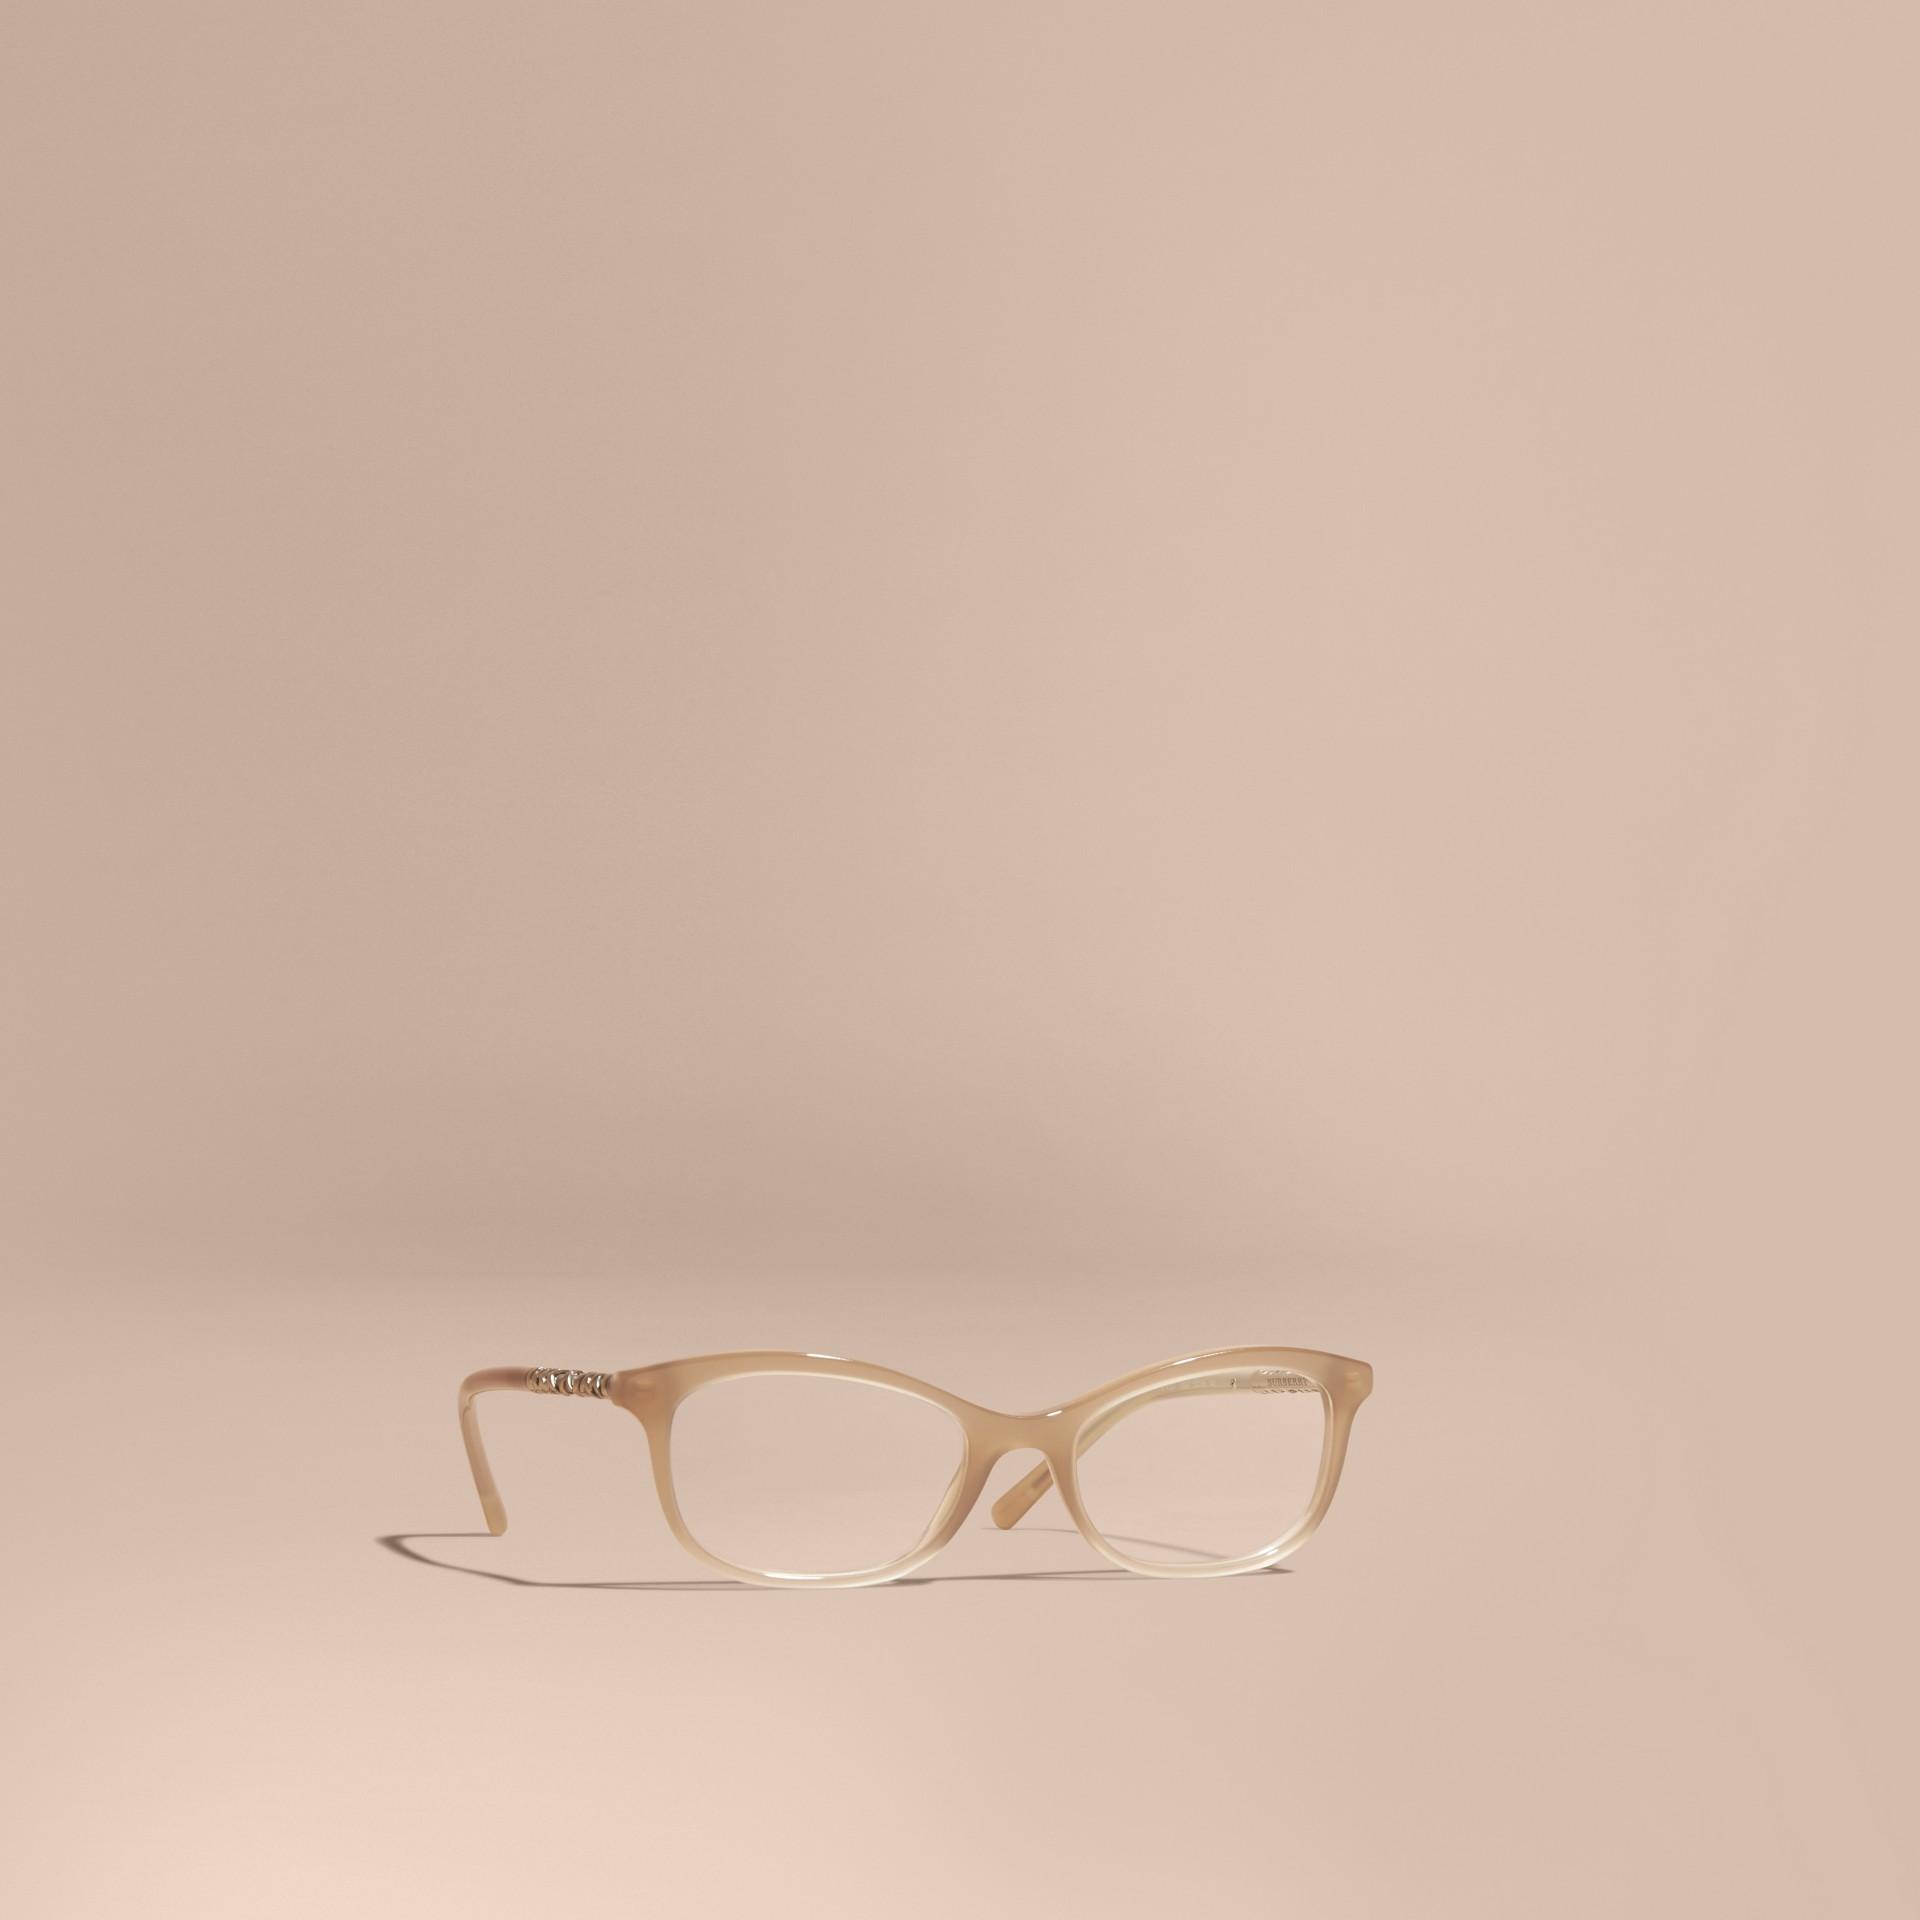 Grigio chino Montatura da vista ovale con dettaglio check Grigio Chino - immagine della galleria 1